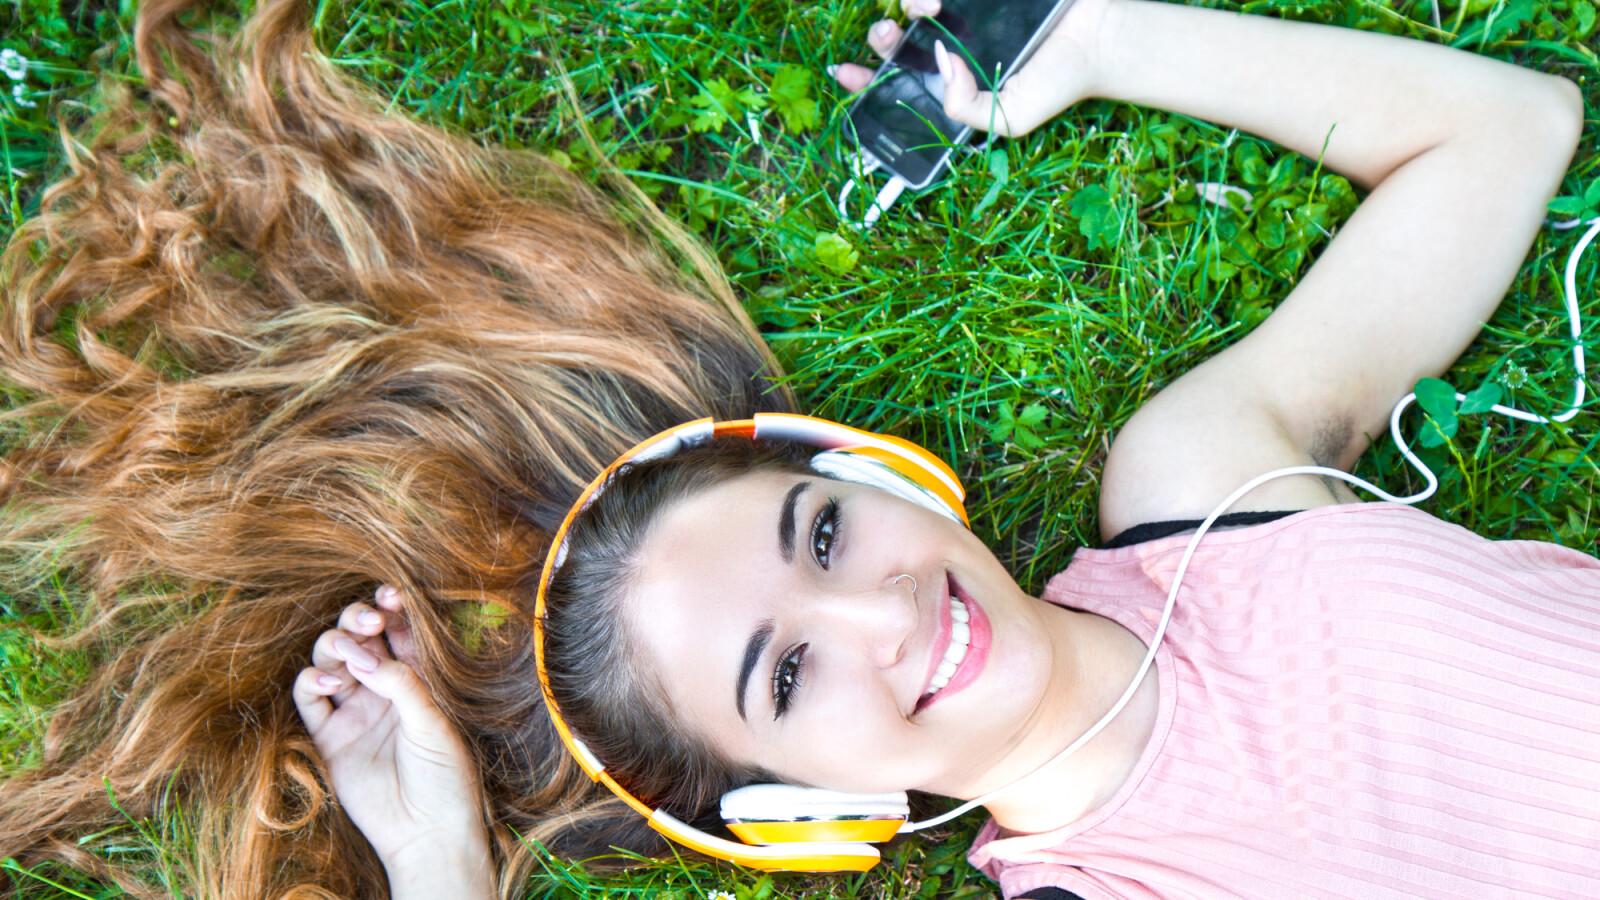 Musik-Streaming günstiger: So spart ihr bei Spotify, Apple Music & Co.